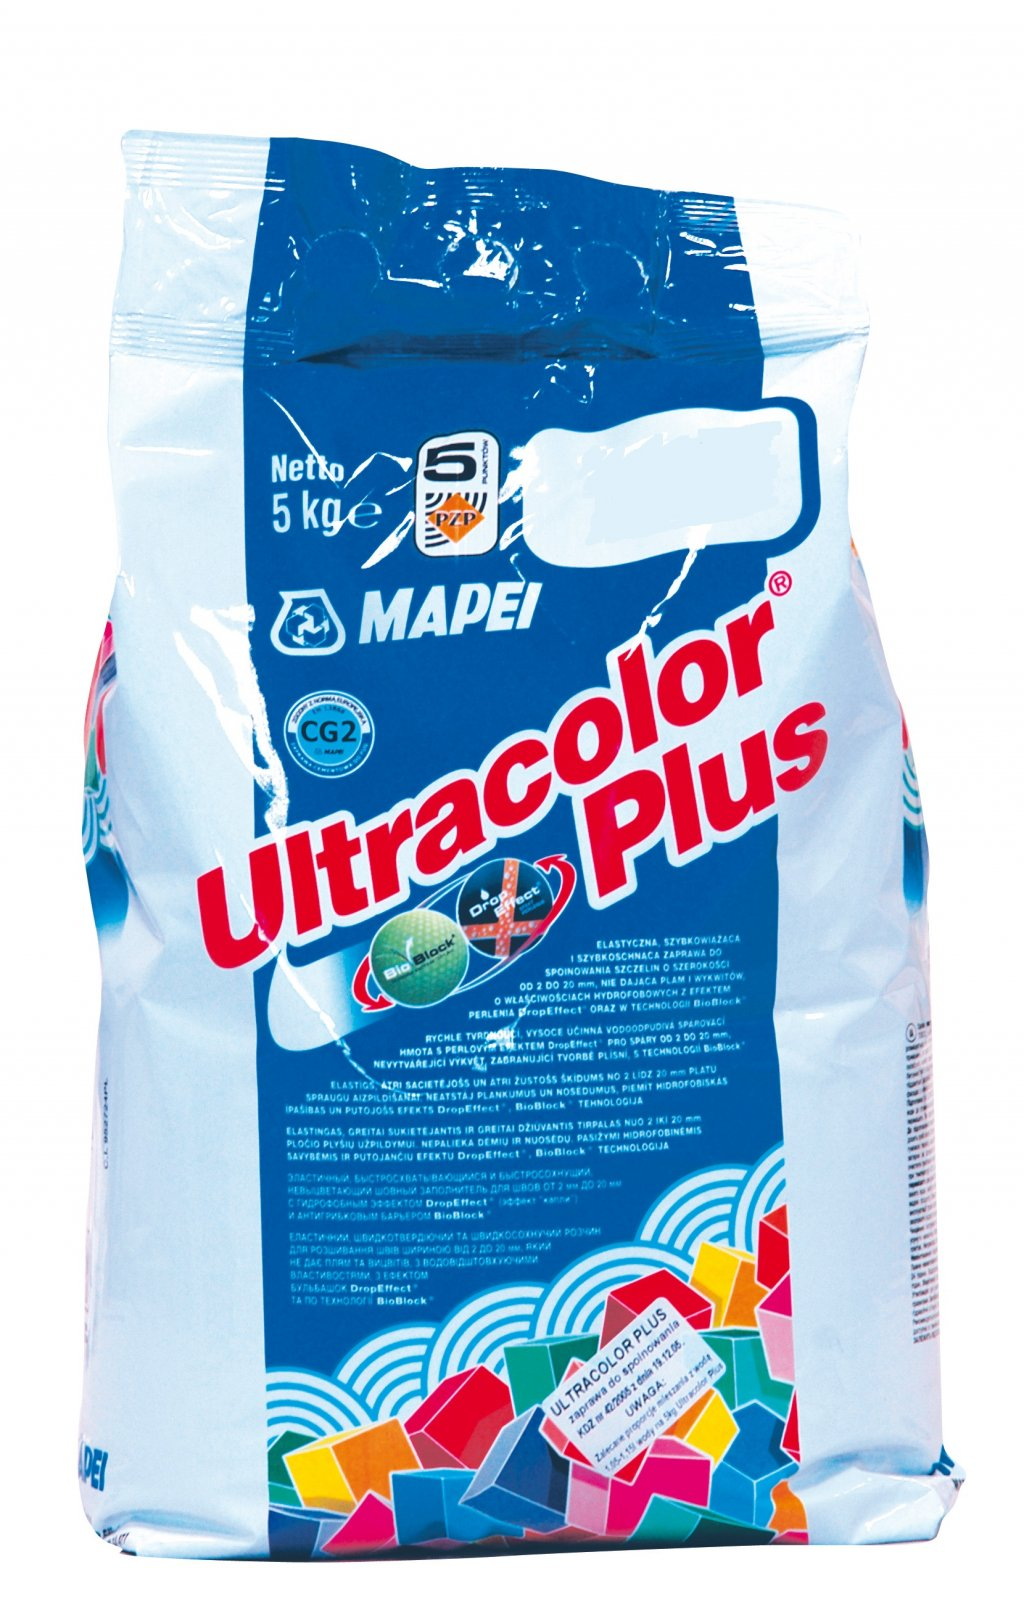 ULTRACOLOR PLUS 120 černý Mapei Hydrofobní spárovací tmel, 5kg 0